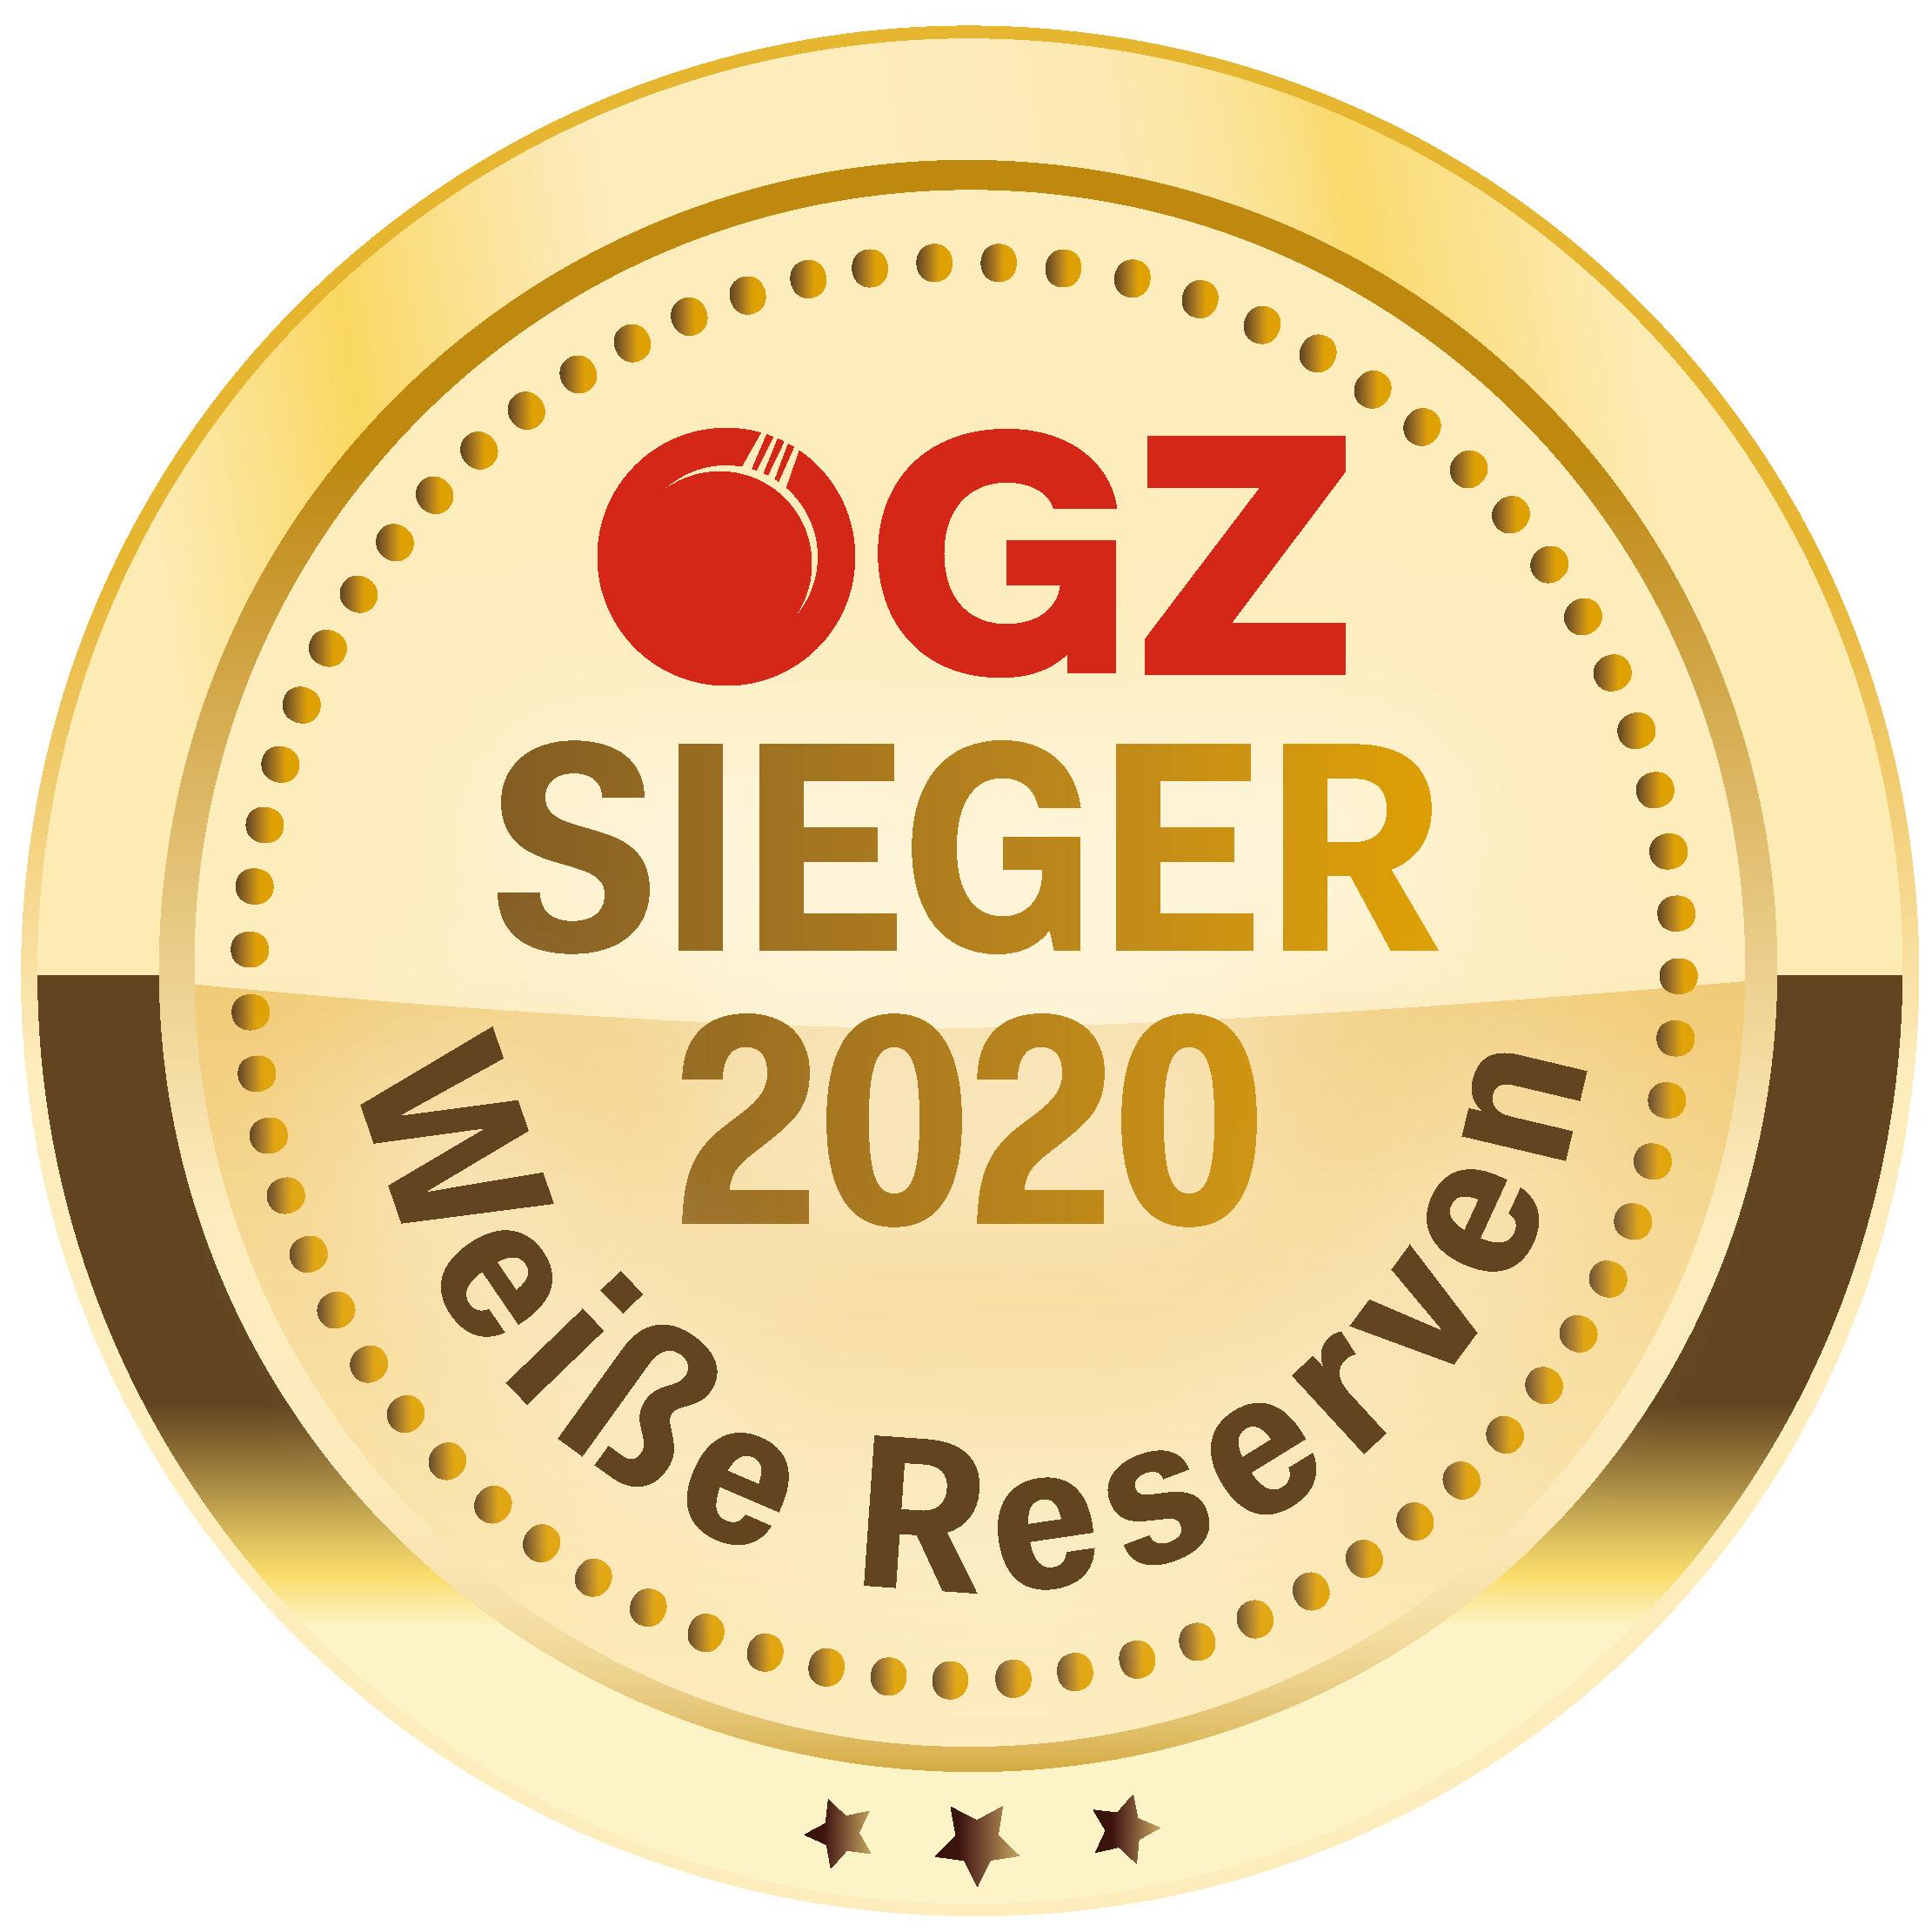 """Oktober 2020: SIEGER in der ÖGZ-Verkostung """"Weiße Reserven"""" - Jahrgang 2019"""